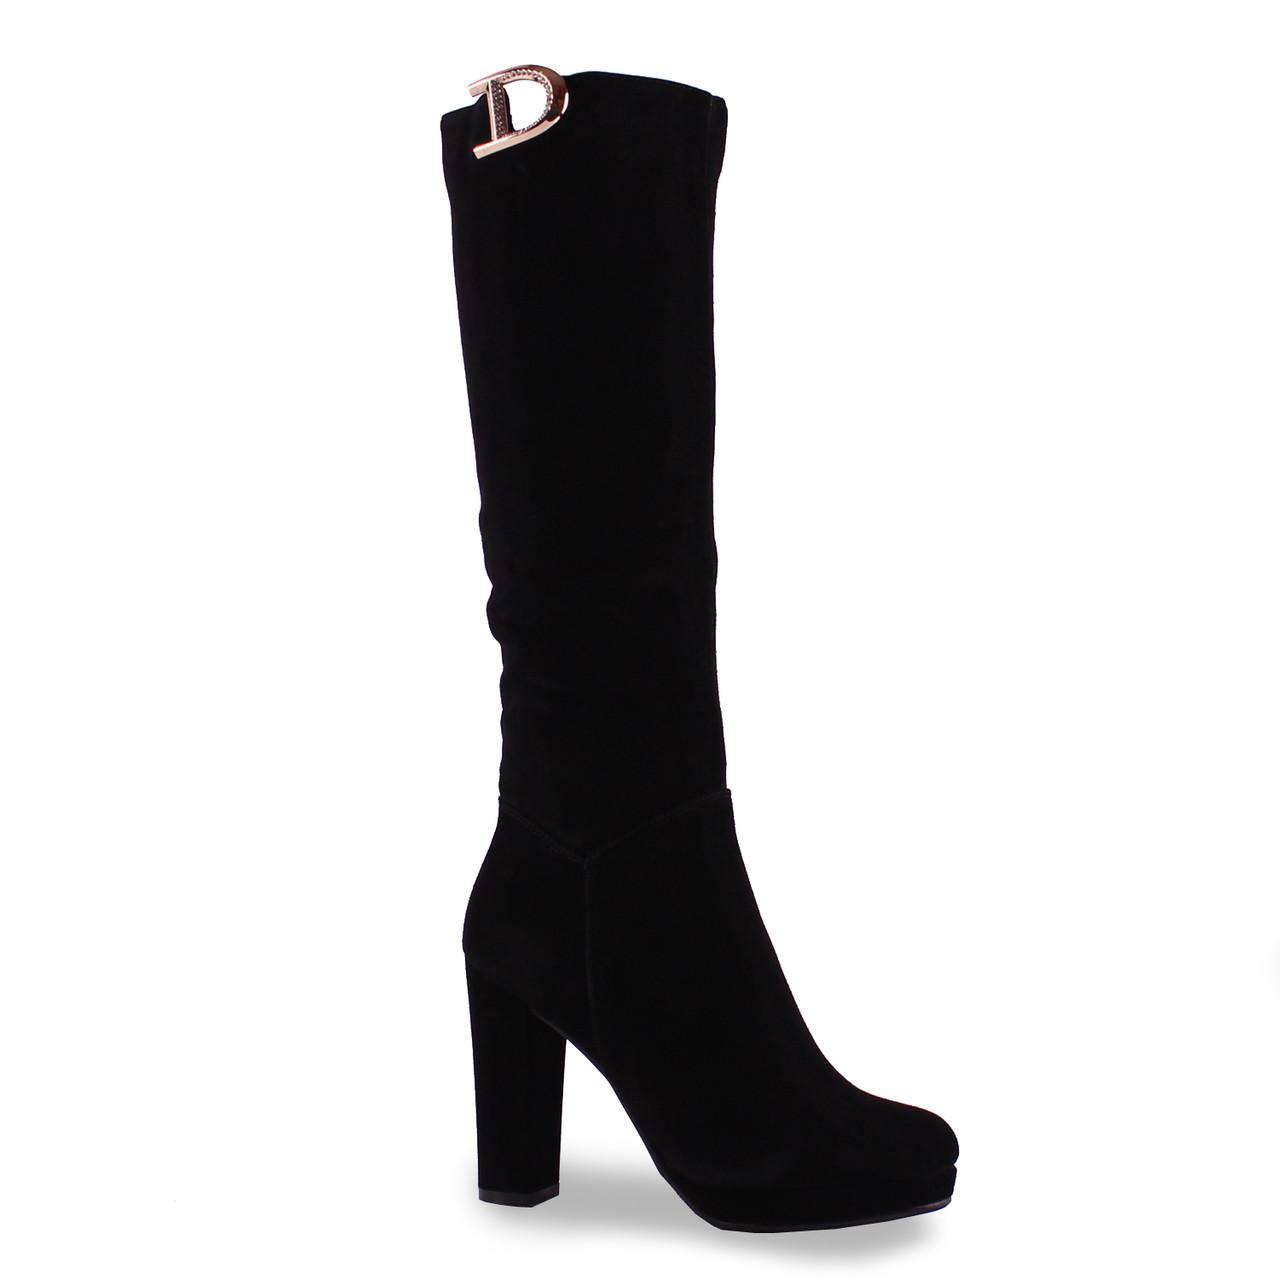 ee1c42d4f Замшевые женские сапоги Reuchll (зимние, на каблуке, красивая буква,  теплые, удобные, черные)